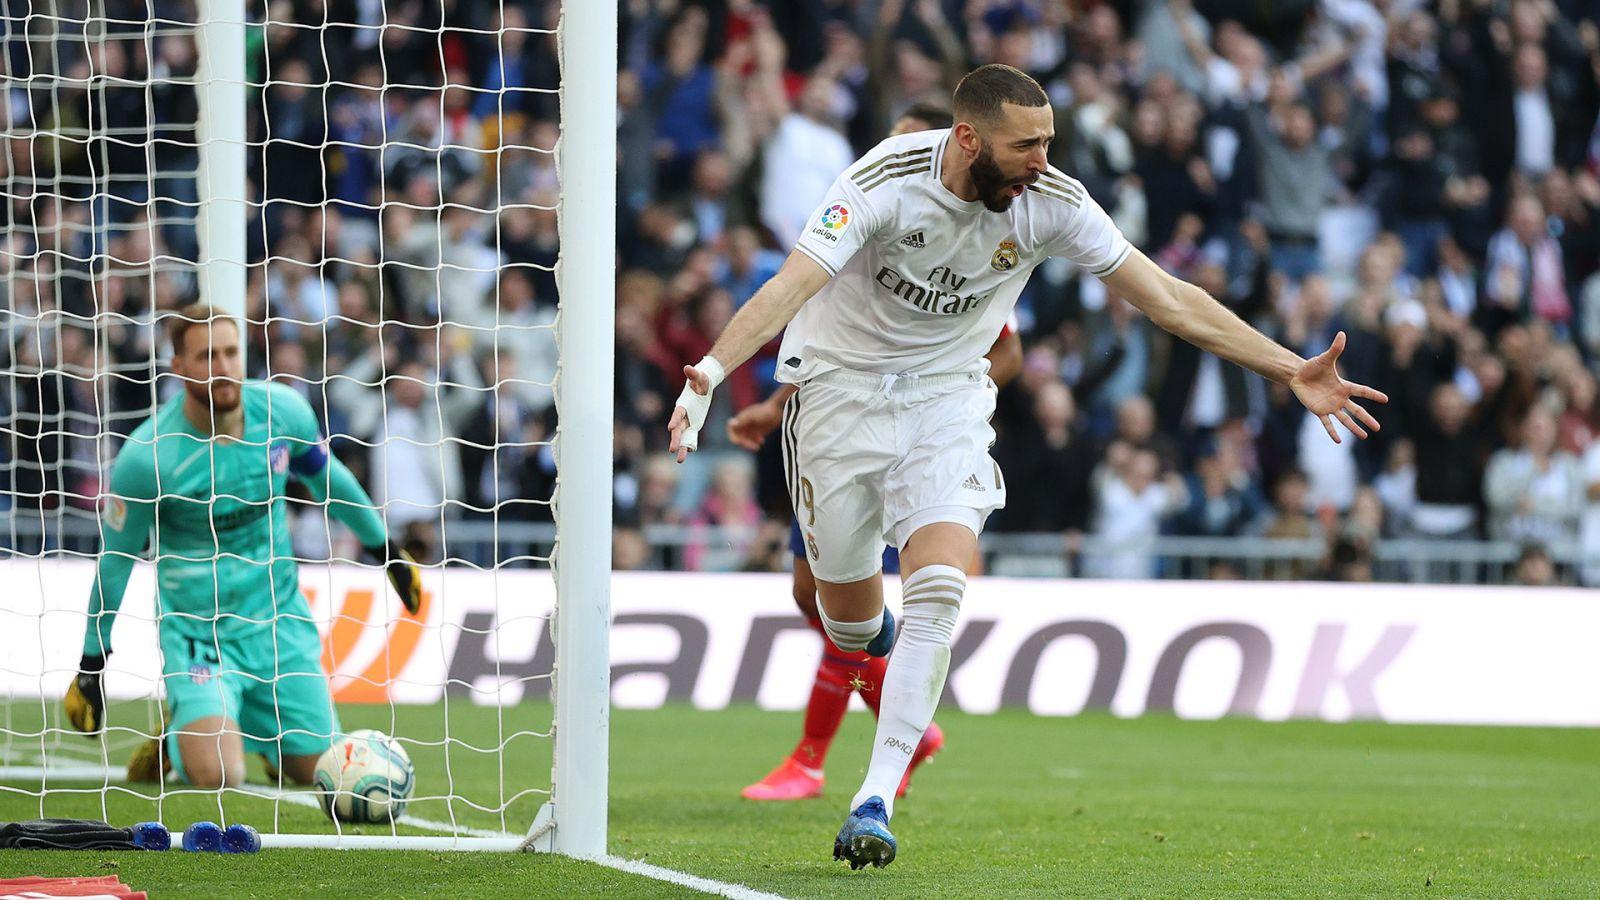 Kết quả đối đầu Real Madrid vs Real Sociedad, 1h00 ngày 7/2